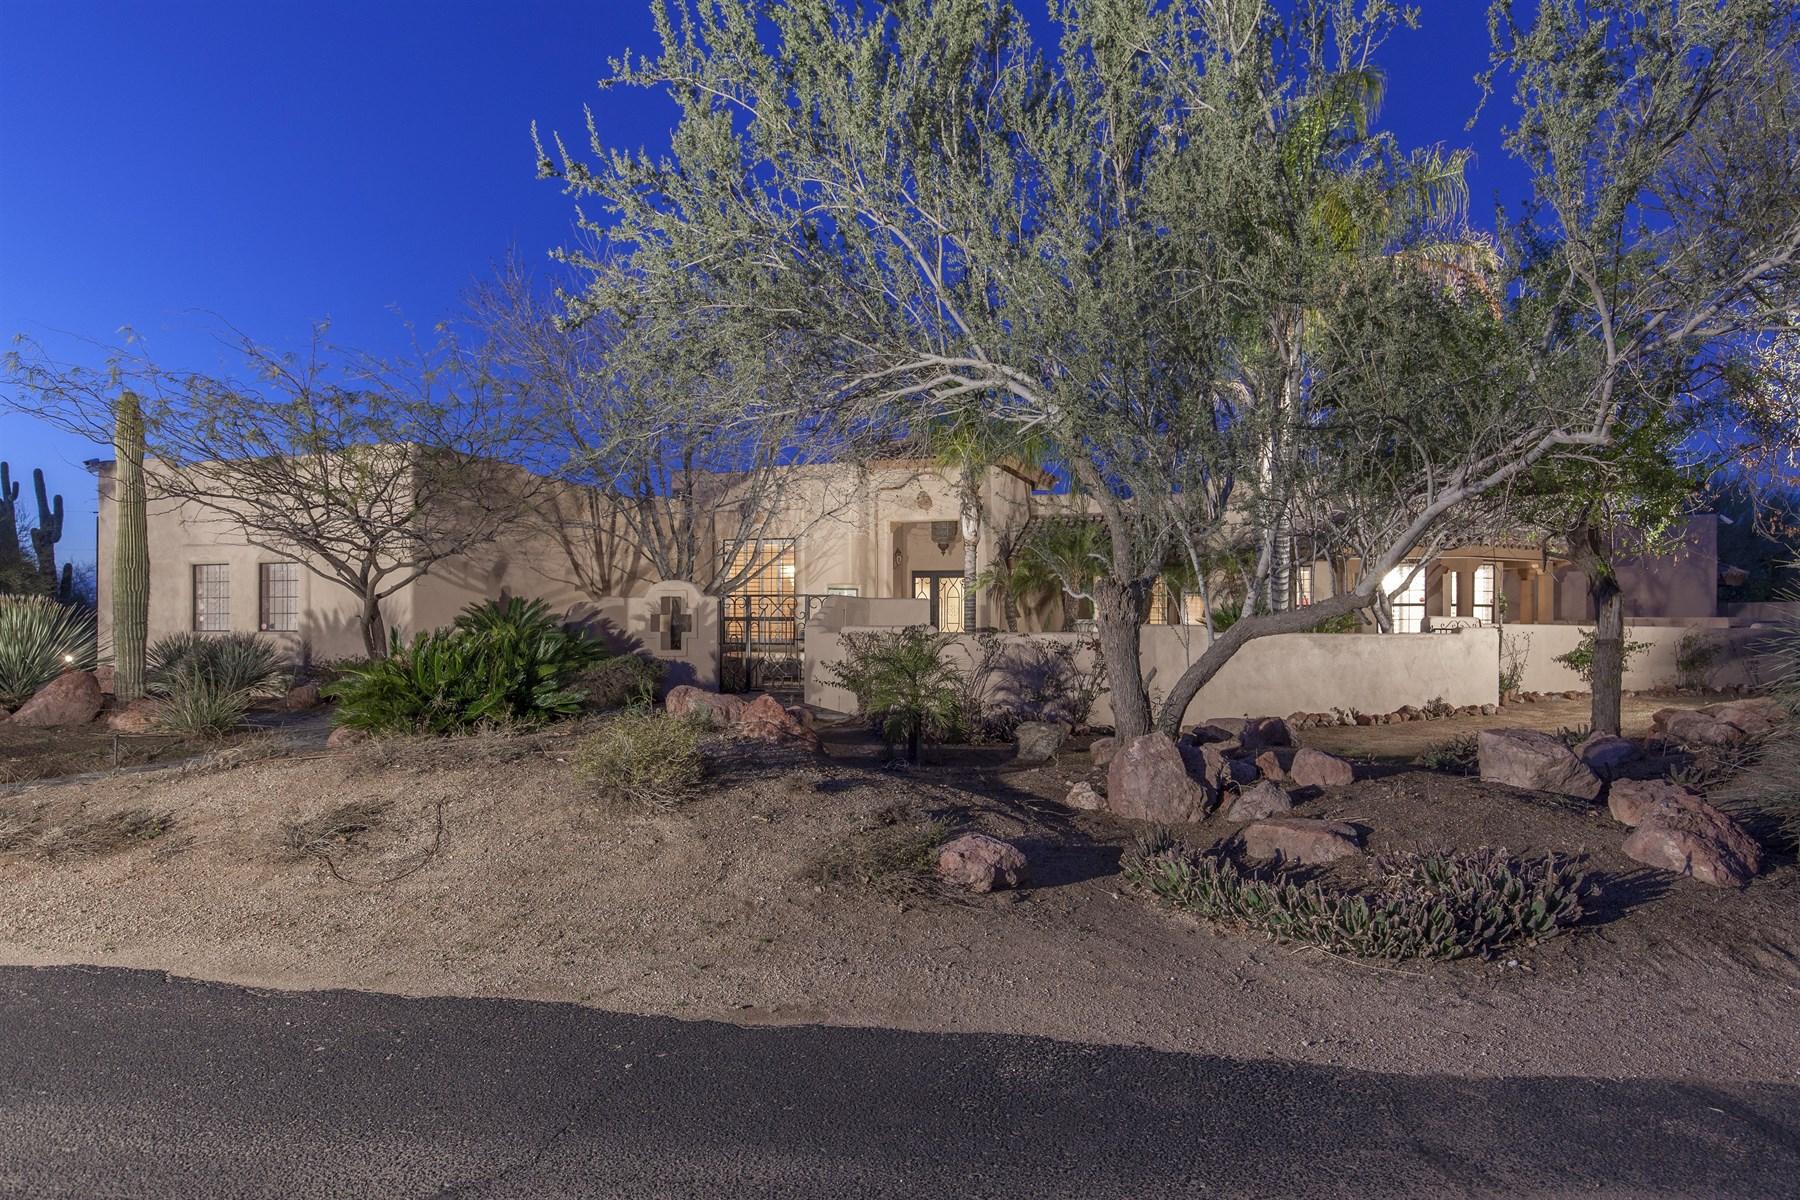 단독 가정 주택 용 매매 에 Hacienda Style Equestrian Residence 29449 N 64th Street Cave Creek, 아리조나 85331 미국